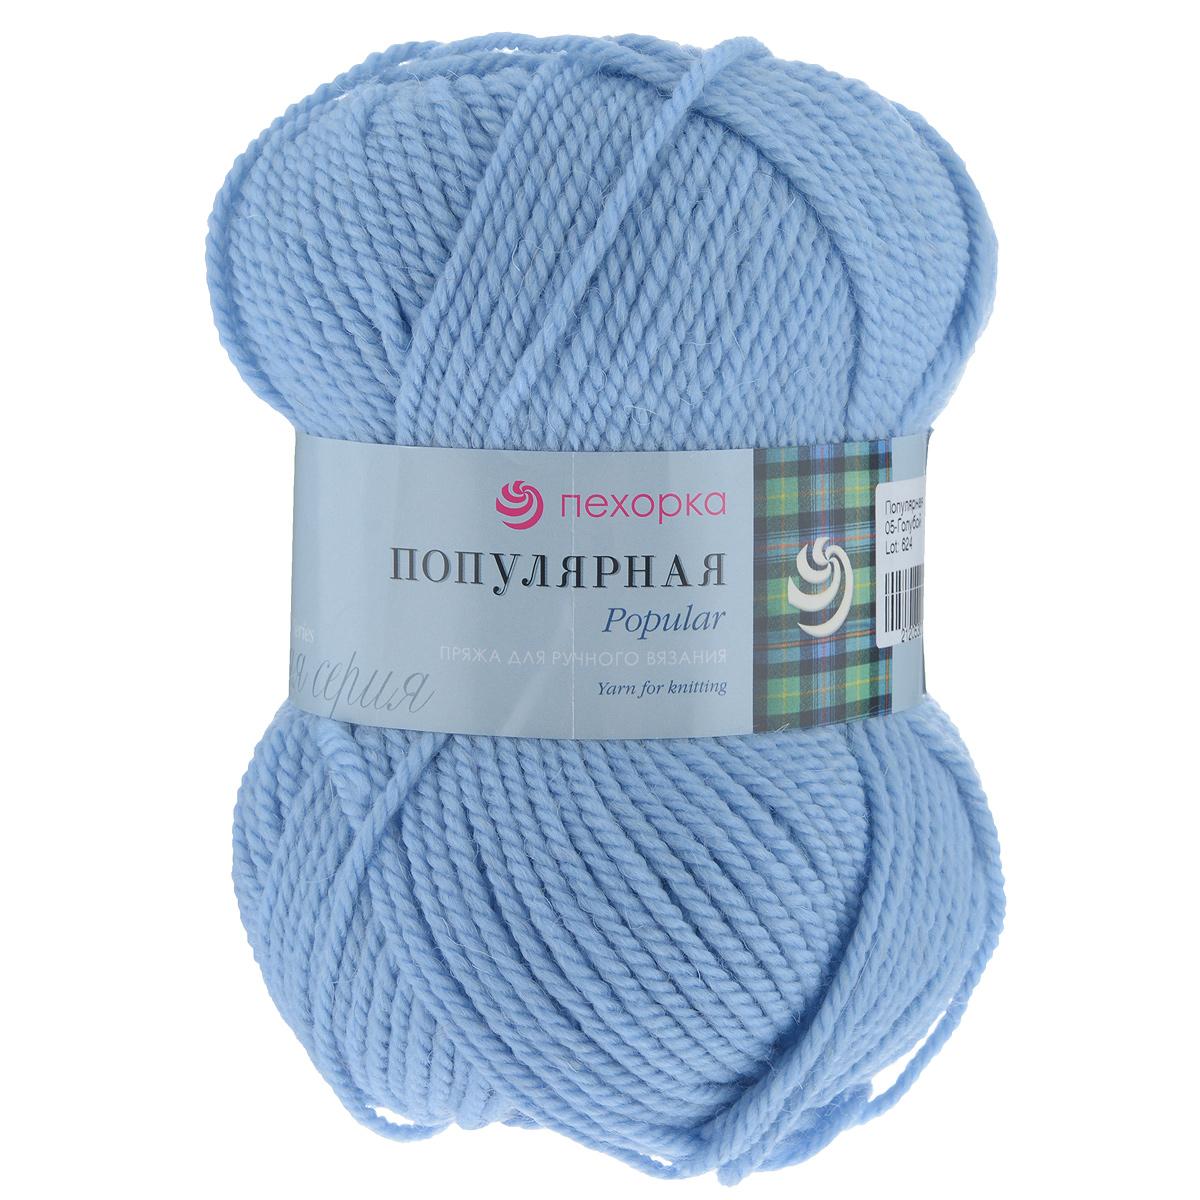 Пряжа для вязания Пехорка Популярная, цвет: голубой (05), 133 м, 100 г, 10 шт360031_05_05-ГолубойПряжа для вязания Пехорка Популярная изготовлена из шерсти и акрила. Эта полушерстяная классическая пряжа подходит для ручного вязания. Пряжа предназначена для толстых зимних свитеров, джемперов, шапок, шарфов. Импортная полутонкая шерсть придает изделию из нее следующие свойства: прочность, упругость, высокую износостойкость и теплоизоляционные качества. Благодаря шерсти в составе пряжи, изделия получаются очень теплыми, а процент акрила придает практичности, поэтому вещи из этой пряжи не деформируются после стирки и в процессе носки. Рекомендуются спицы № 6. Комплектация: 10 мотков. Состав: 50% шерсть, 50% акрил.